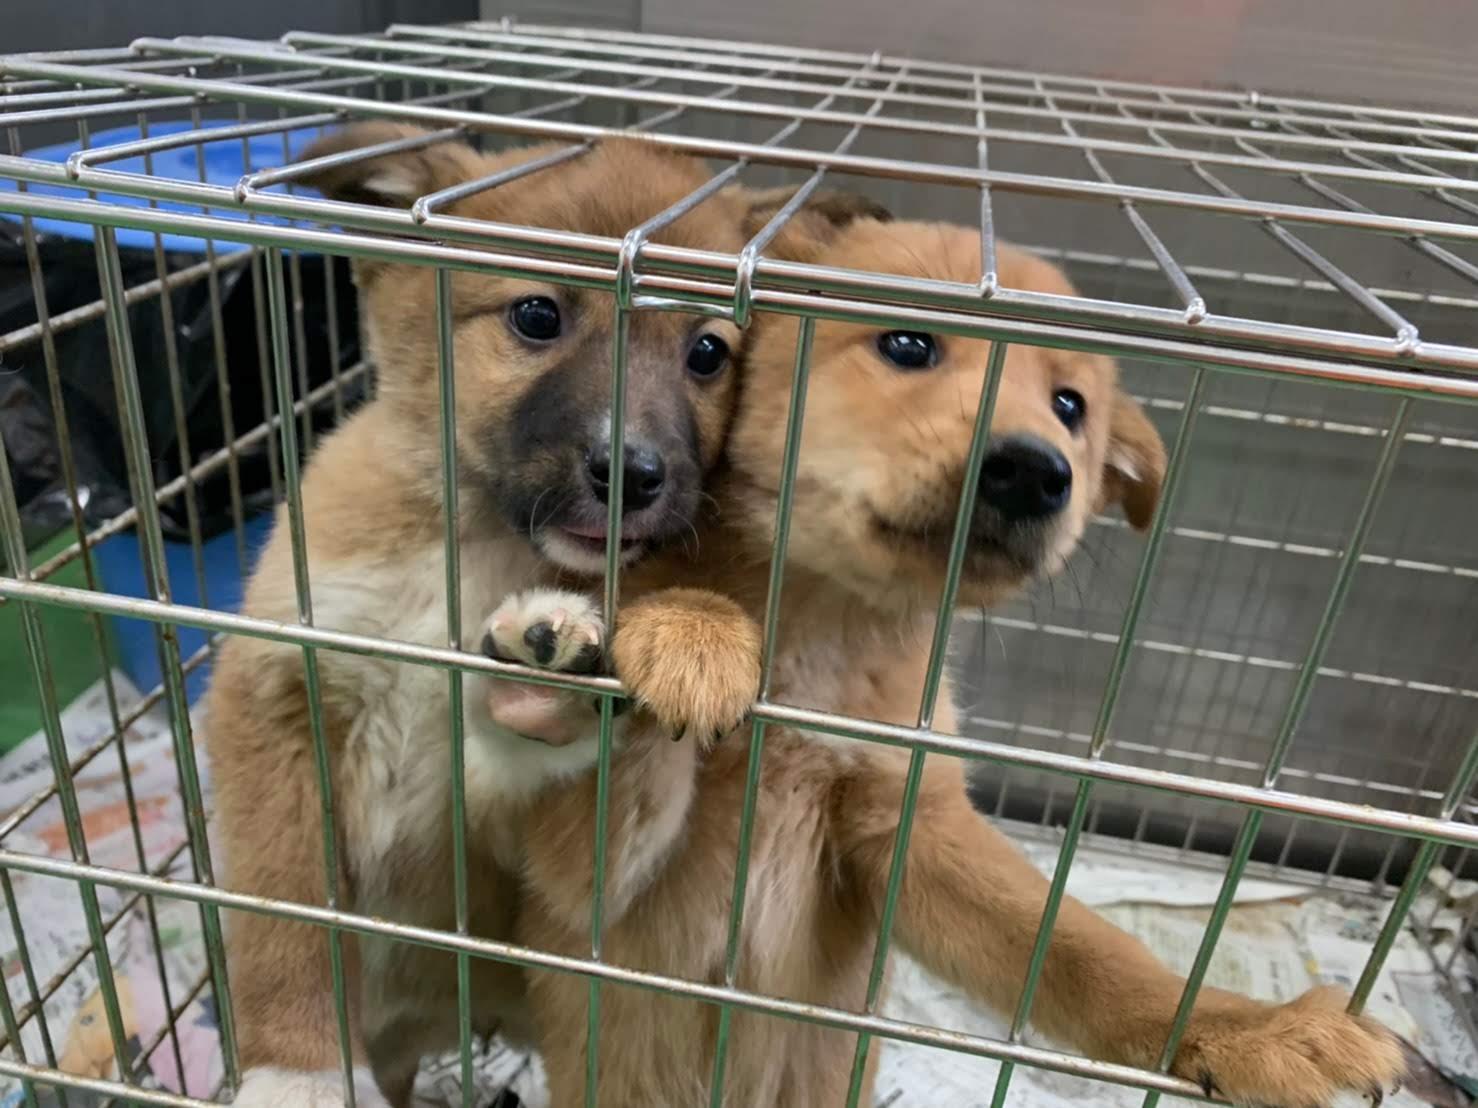 動物愛護センターへの物資援助ご協力のお願い